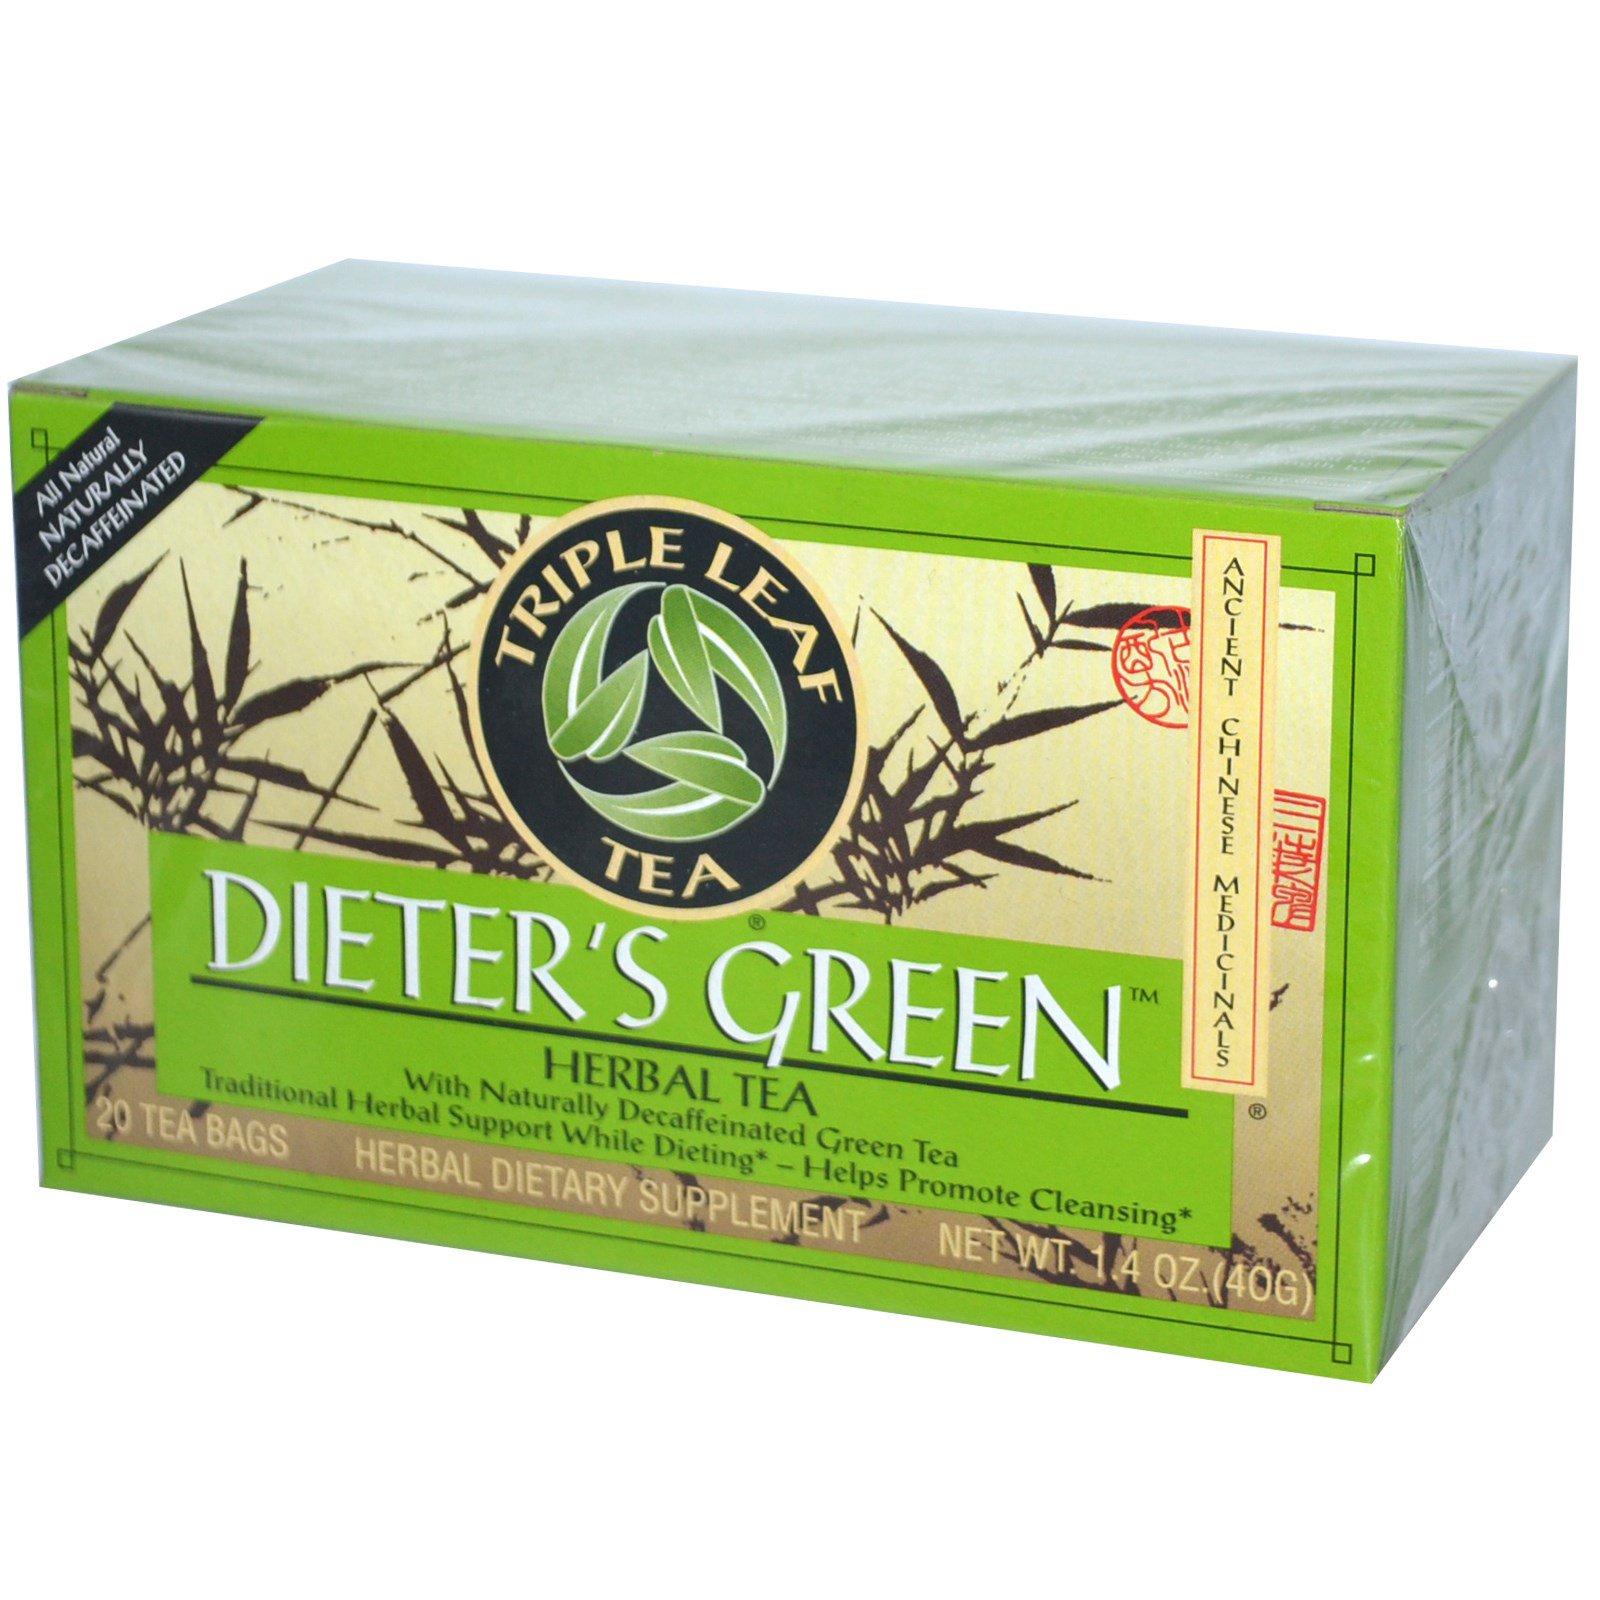 Triple Leaf Tea, Dieter's Green, травяной чай, декофеинизированный, 20 чайных пакетиков, 1.4 унций (40 г)